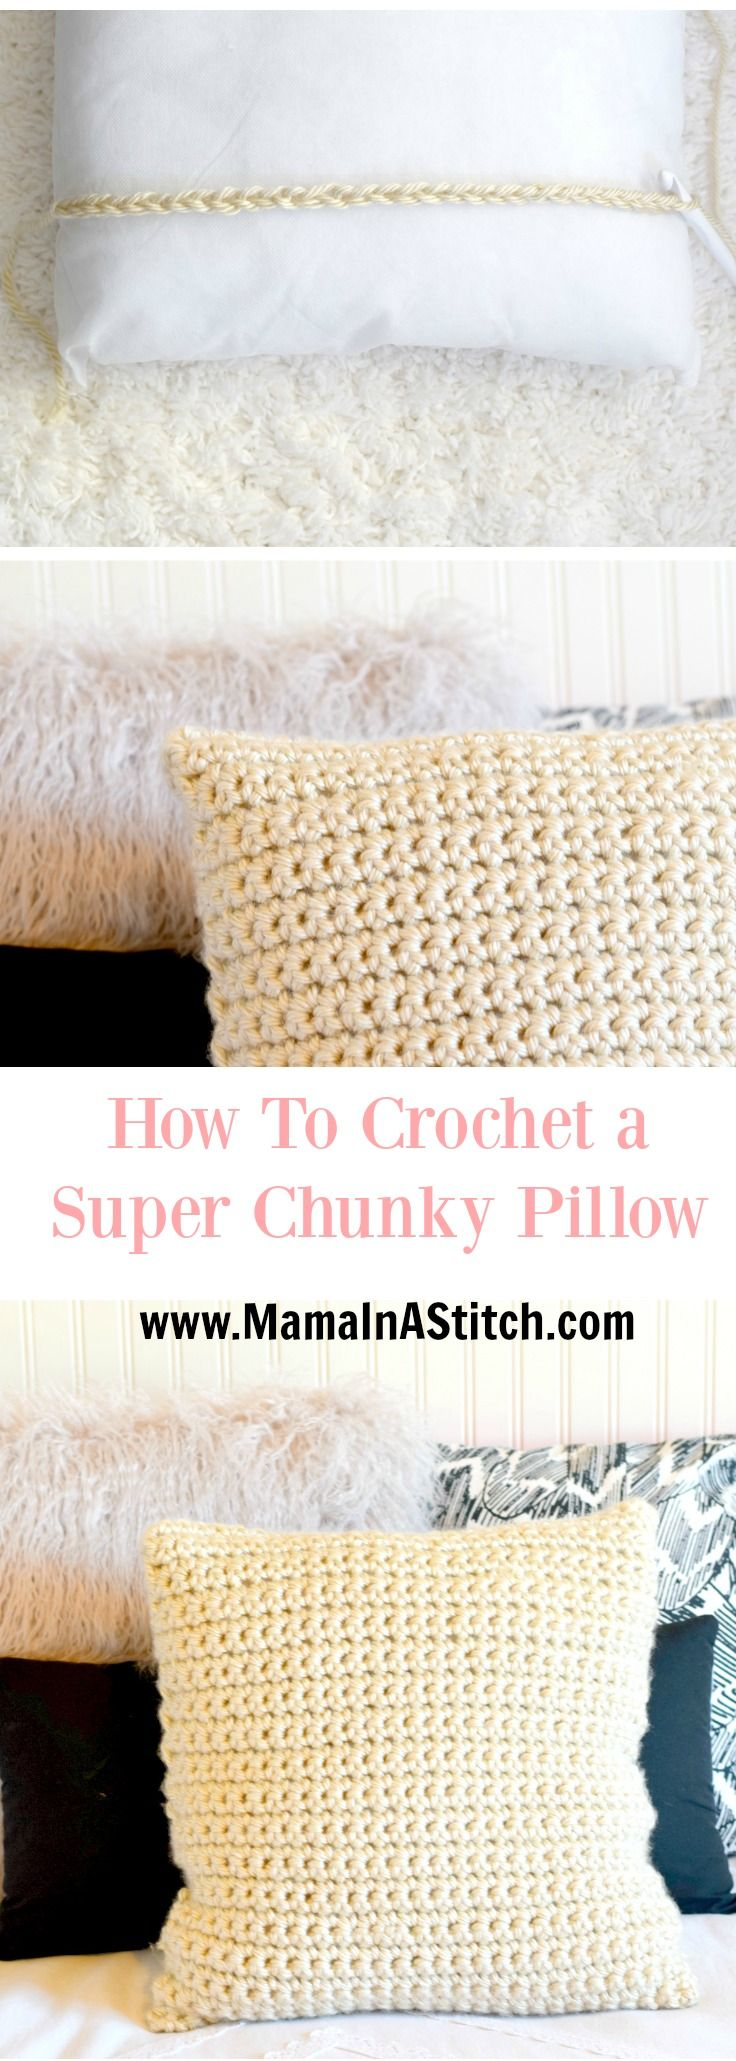 Pretty Cushion Cushion Crochet Cushion Cotton Pillow Decorative Pillow Handmade Pillow Handmade Cushion Round Pillow Pillow